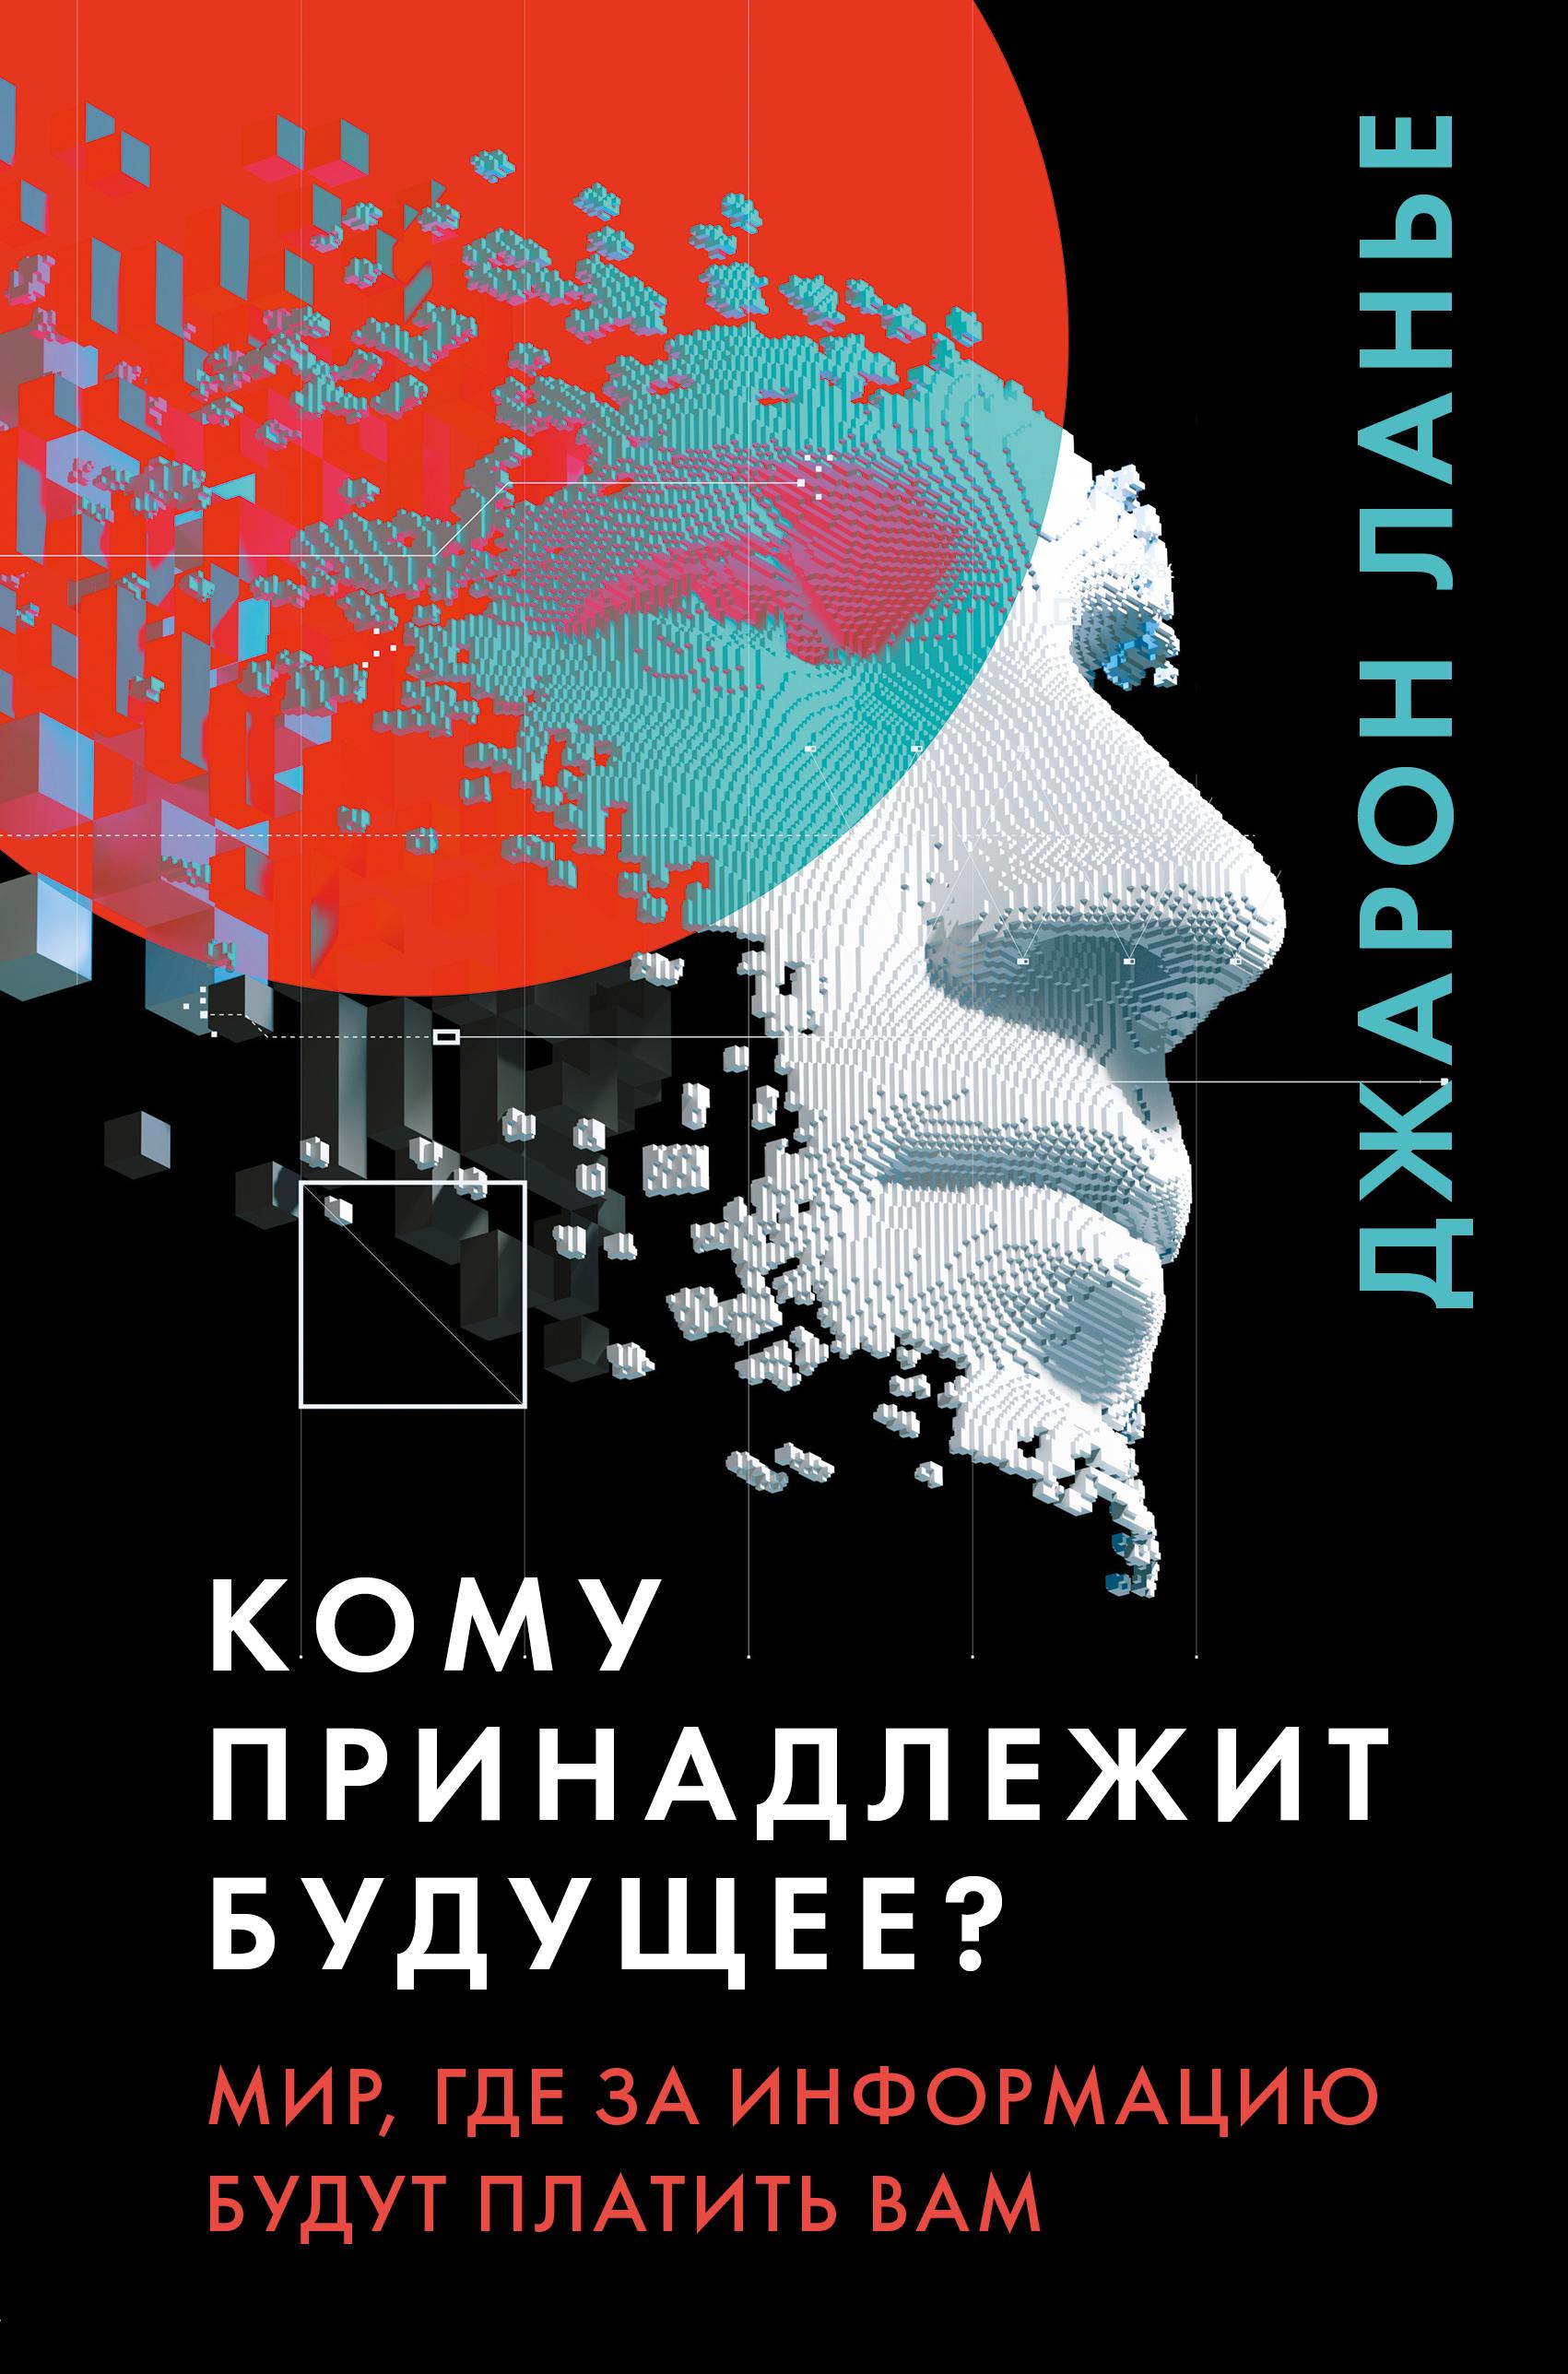 Купить книгу Кому принадлежит будущее? Мир, где за информацию платить будут вам, автора Джарона Ланье